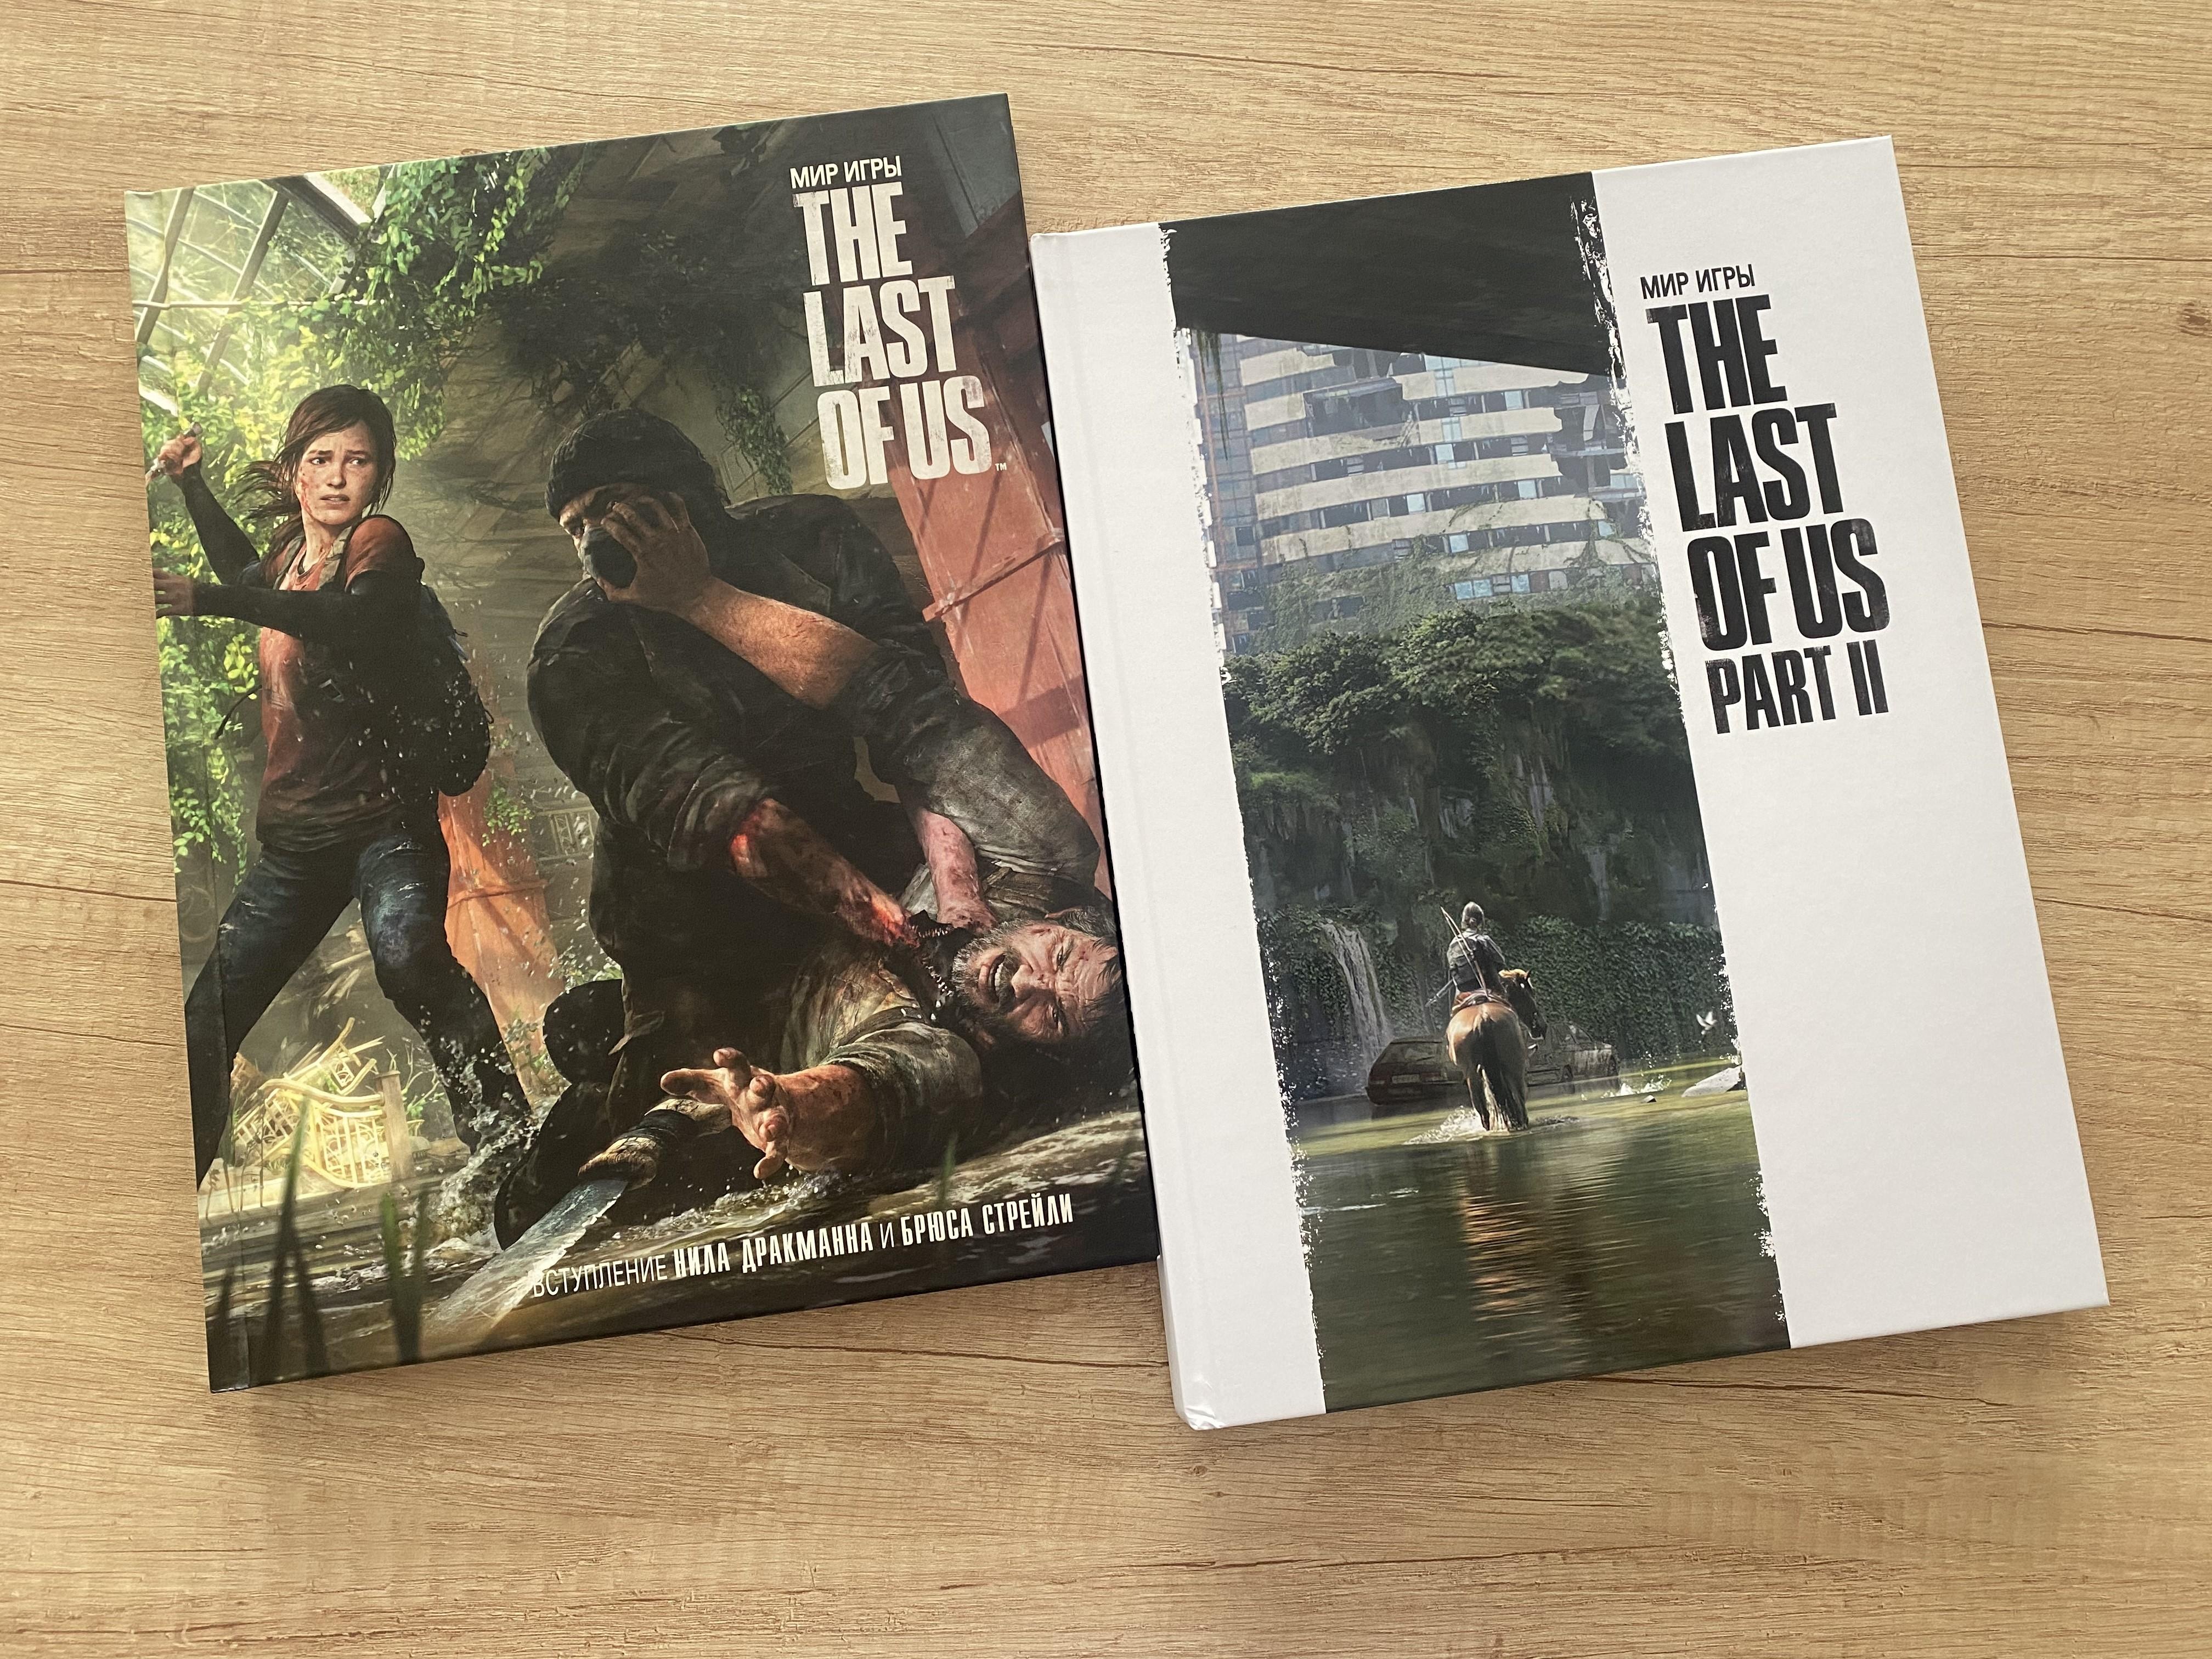 Обзор двух артбуков The Last of Us - история выживания, потери и поиска истинного смысла жизни 42